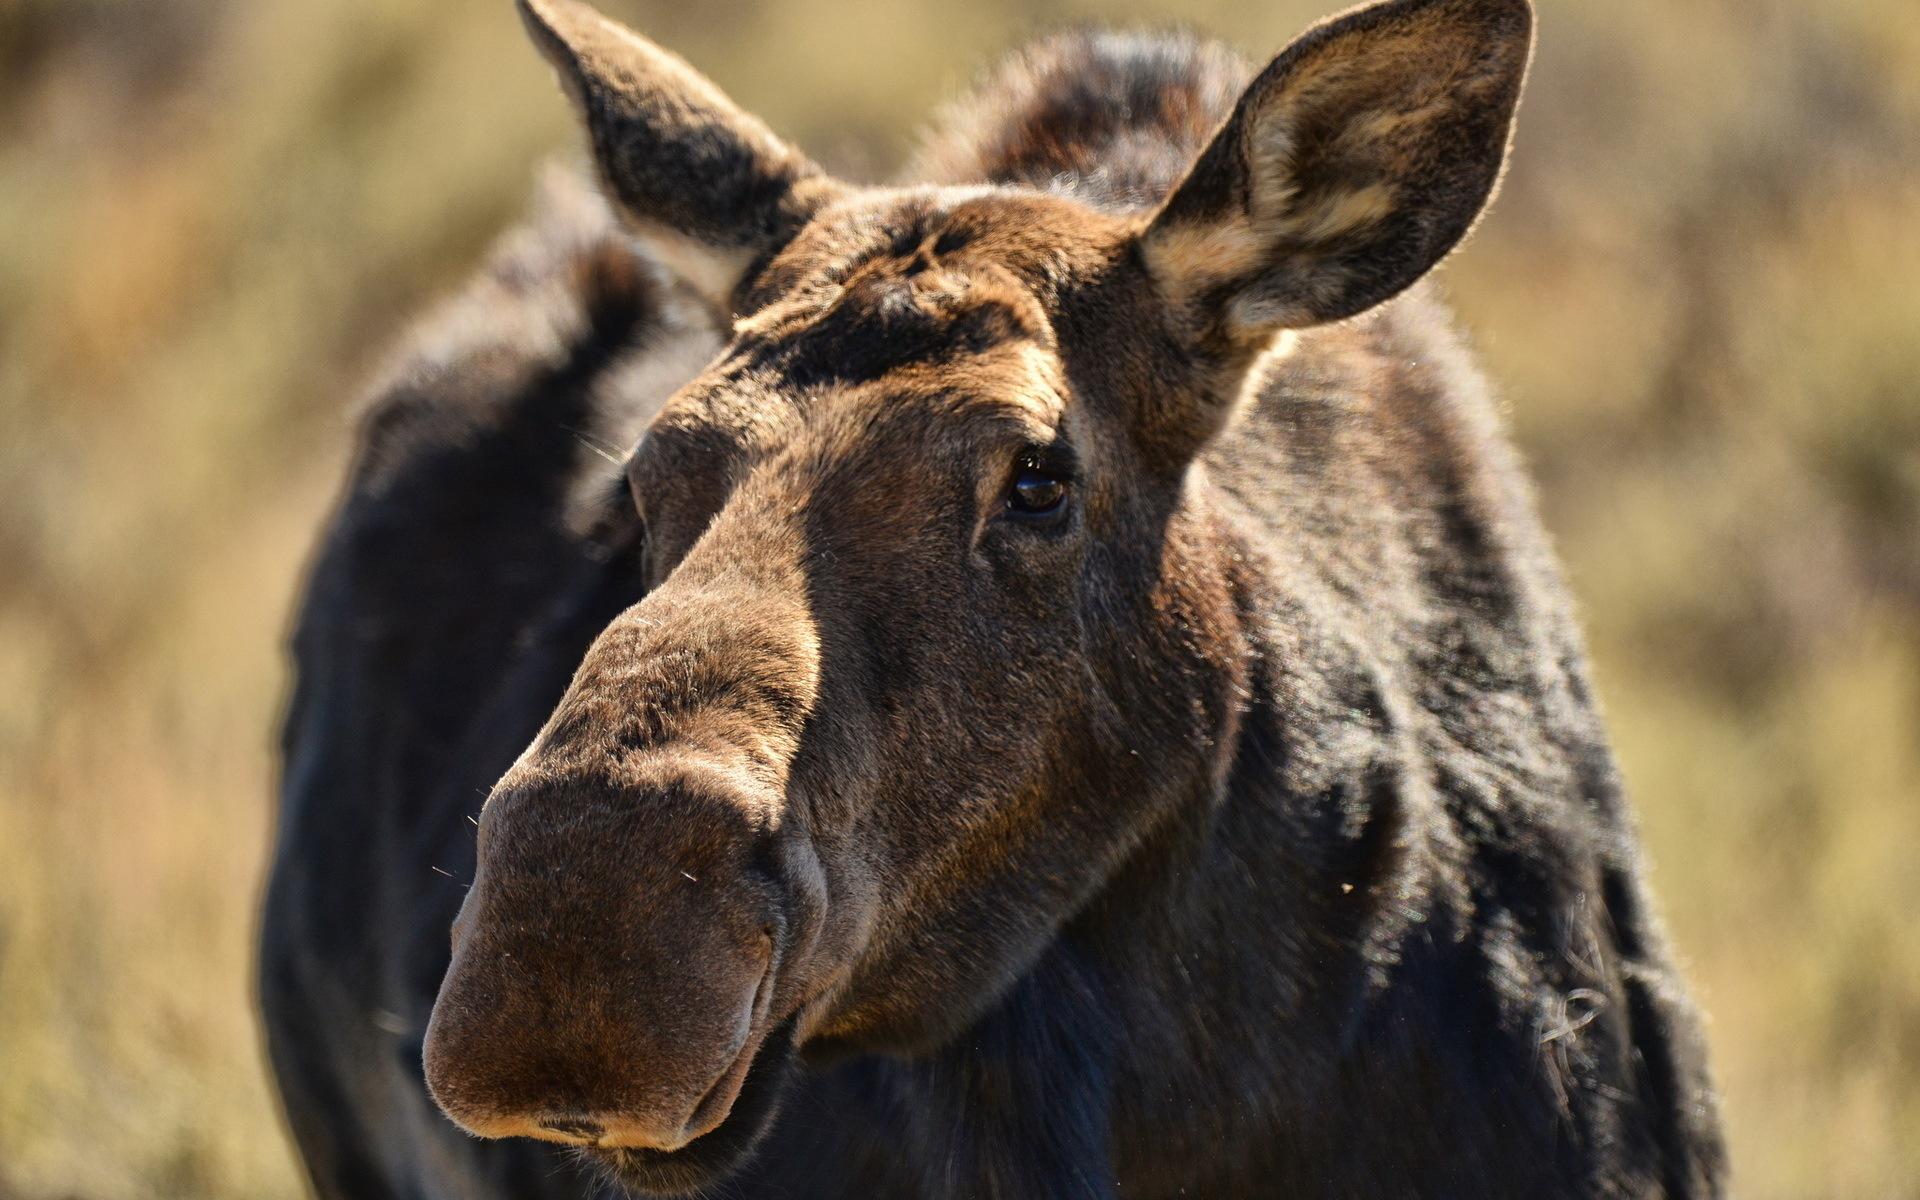 moose wallpaper 1080p